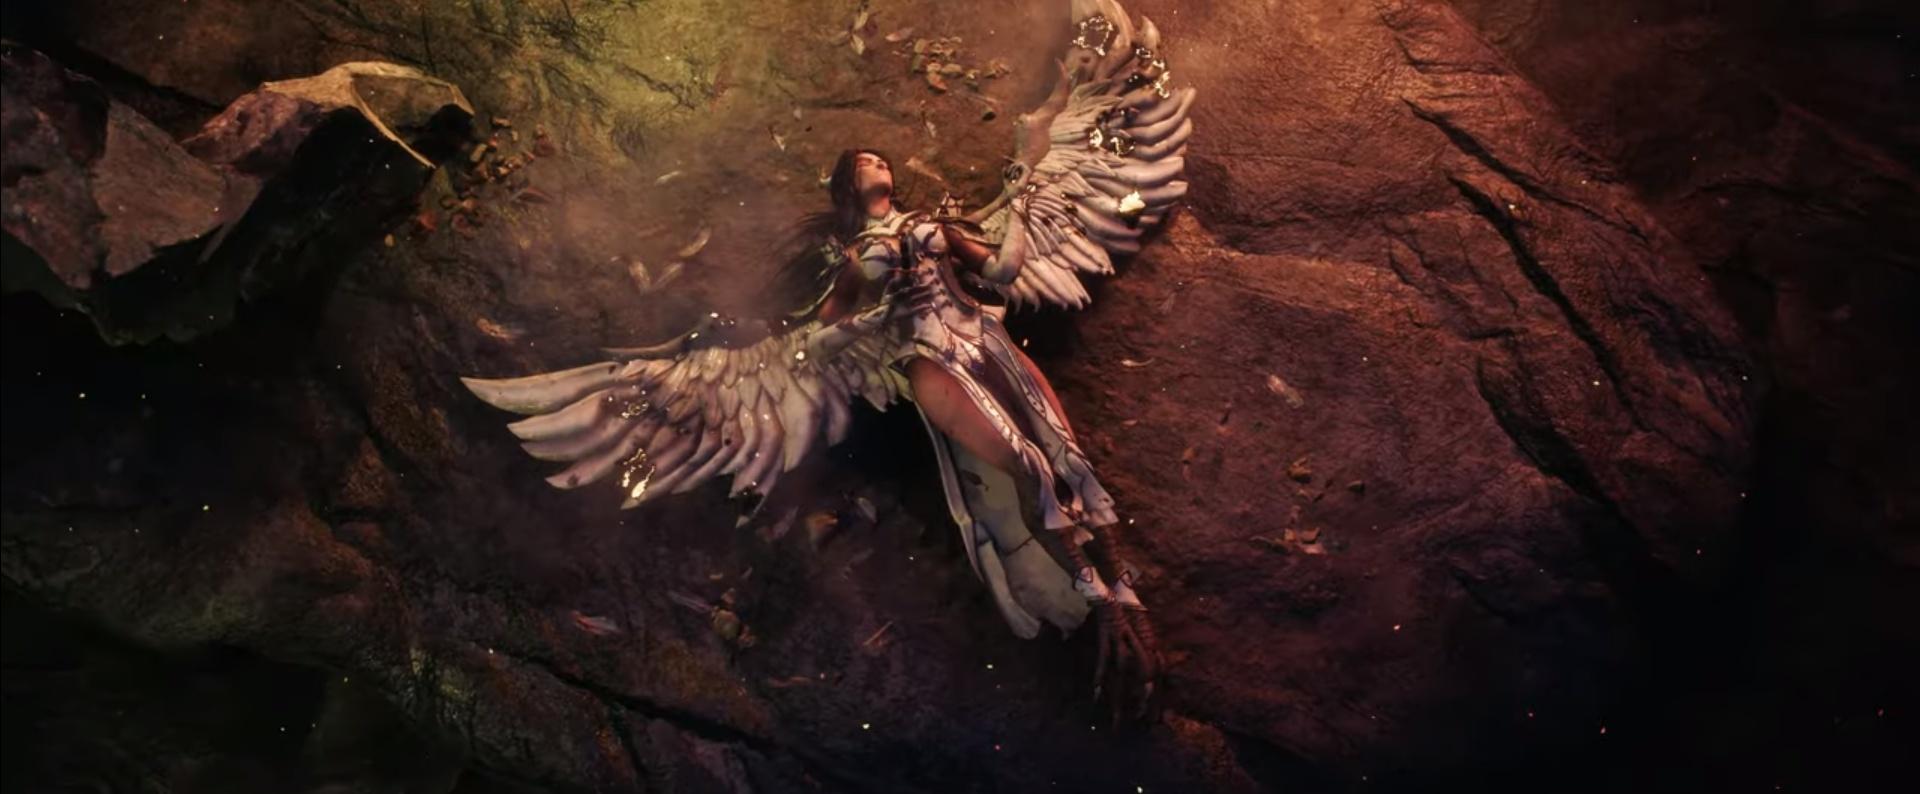 Месть Vengeful Spirit и становление Рошана: объявили лучшие короткометражки на The International 2019